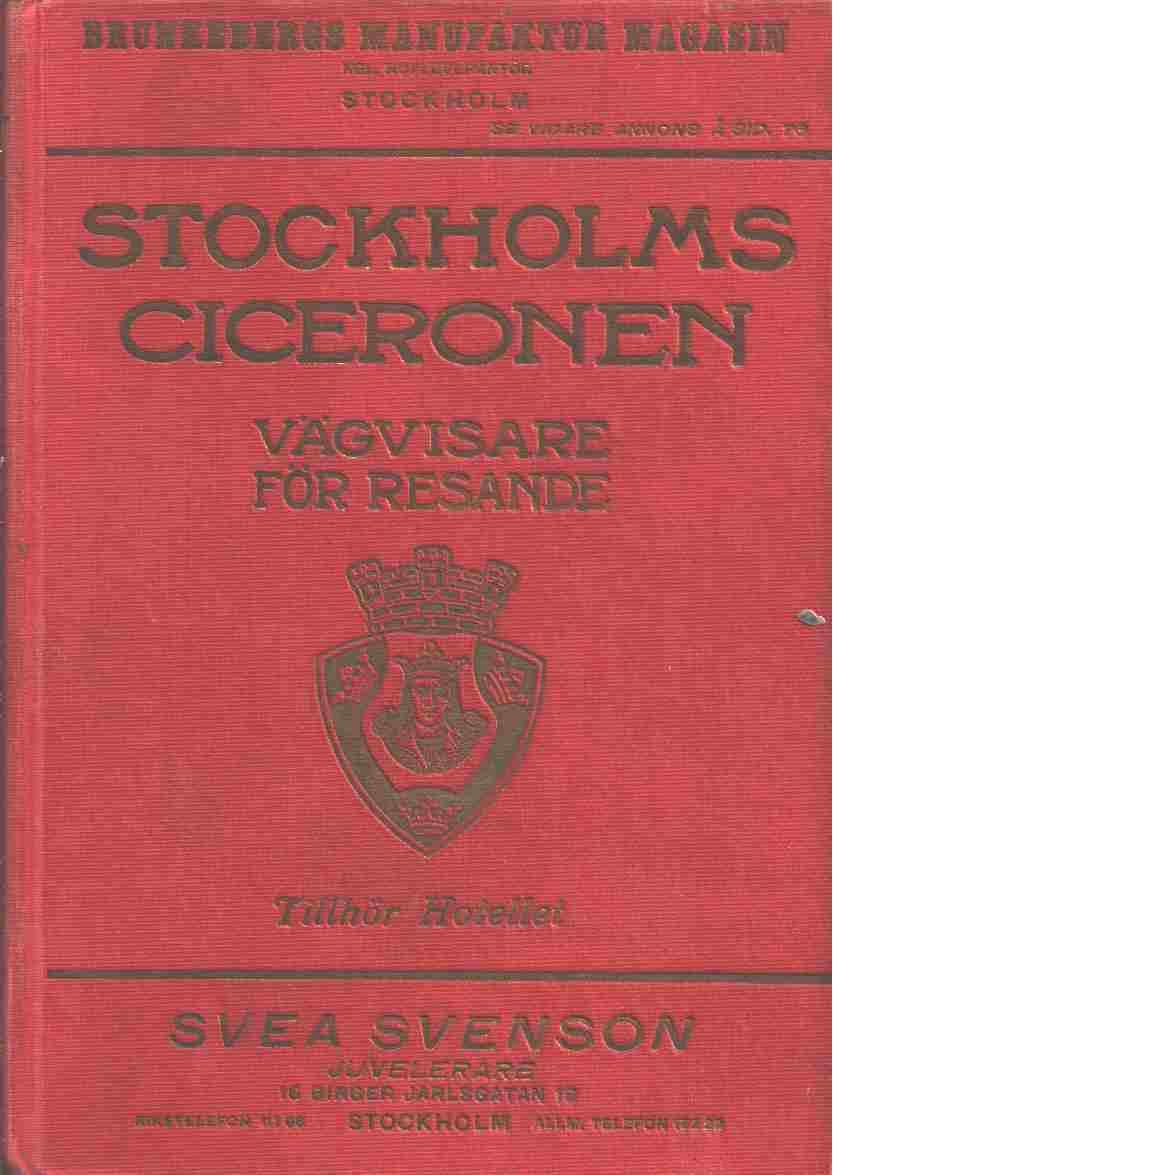 Stockholms-ciceronen : vägvisare för allmänheten : med illustrationer och 2 kartor - Red.